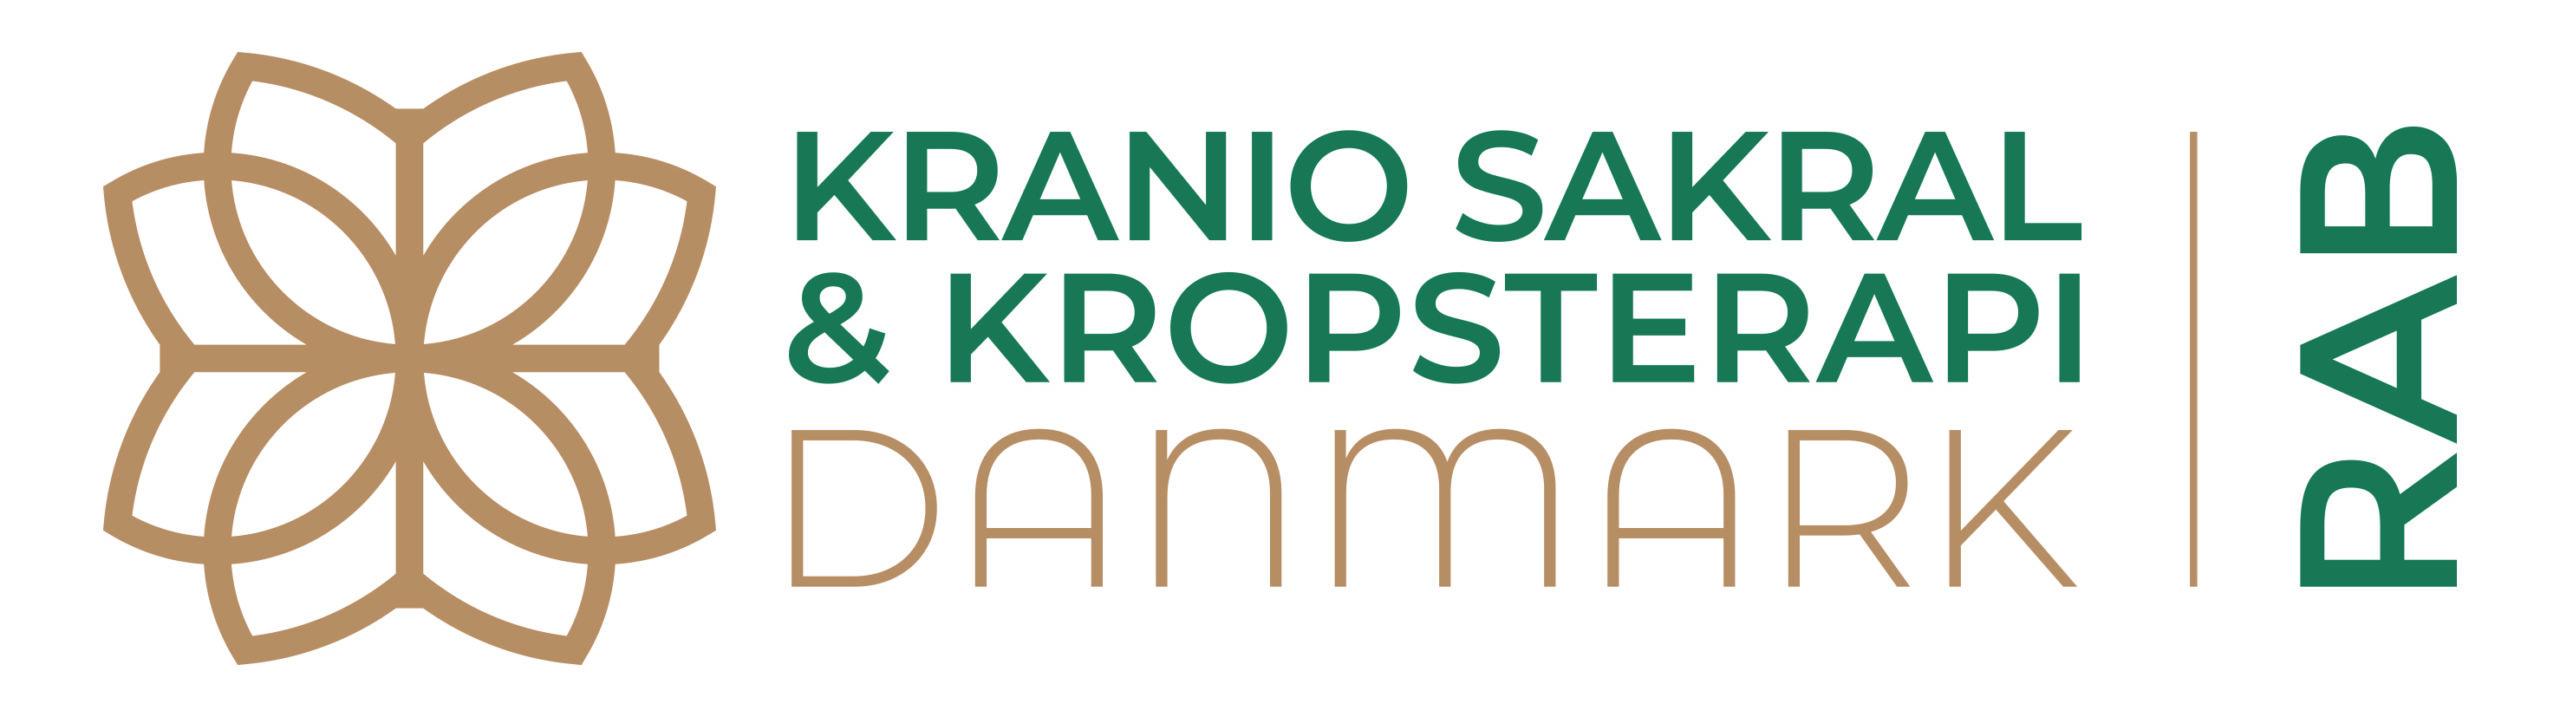 Kranio Sakral og Kropstersapi Danmark - logo